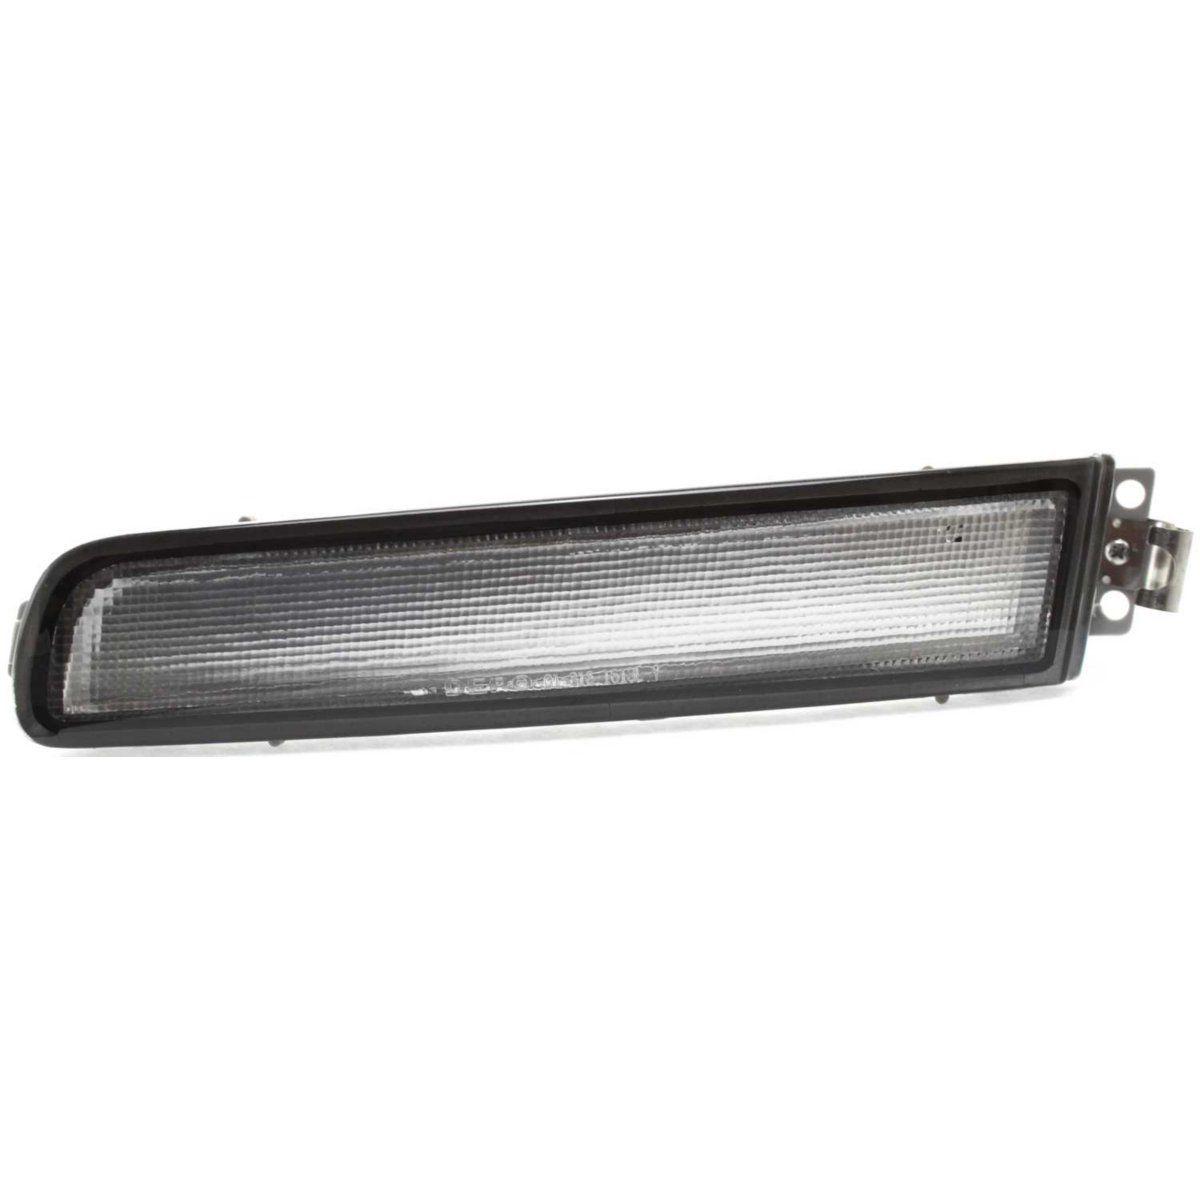 コーナーライト Parking Light For 99-2000 Mazda Millenia Reflectorized Driver Side 99-2000マツダミレニアリフレクタードライバーサイド用の駐車ライト